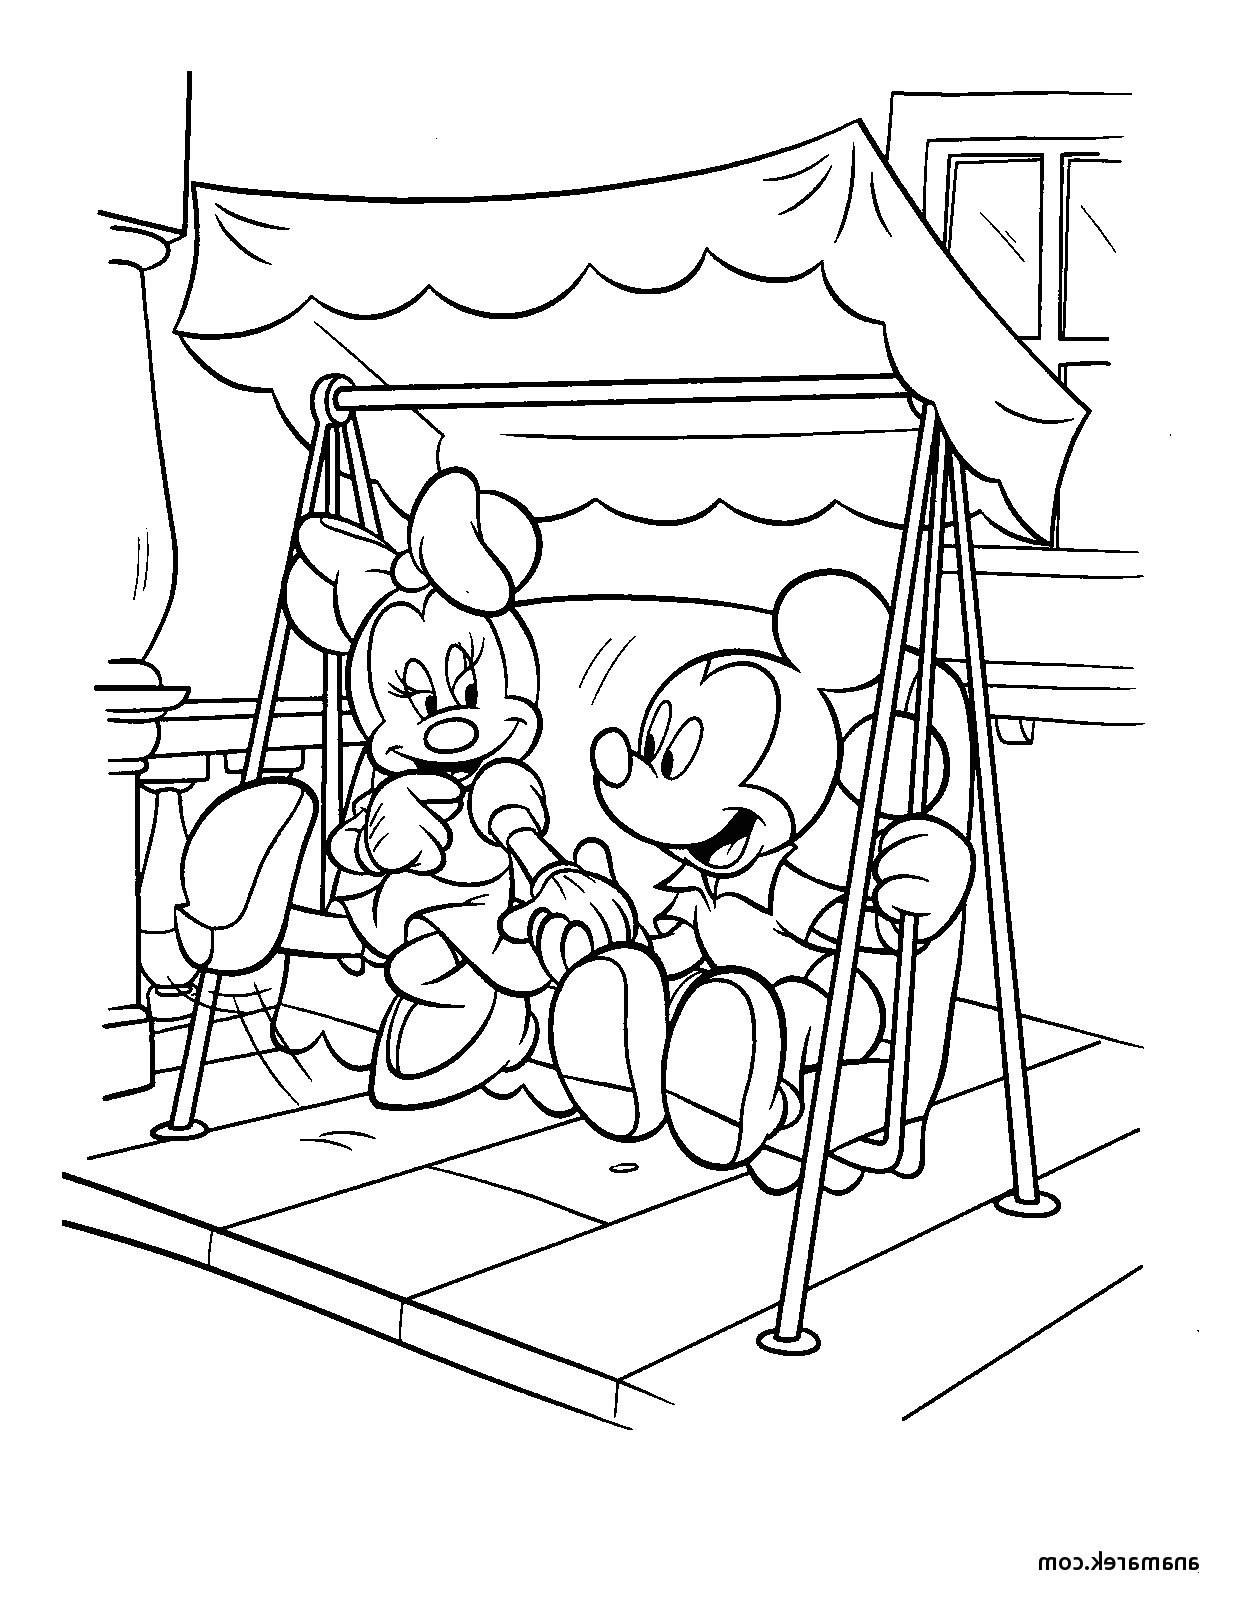 Minnie Mouse Malvorlage Inspirierend 32 Neu Minnie Mouse Ausmalbilder – Malvorlagen Ideen Galerie